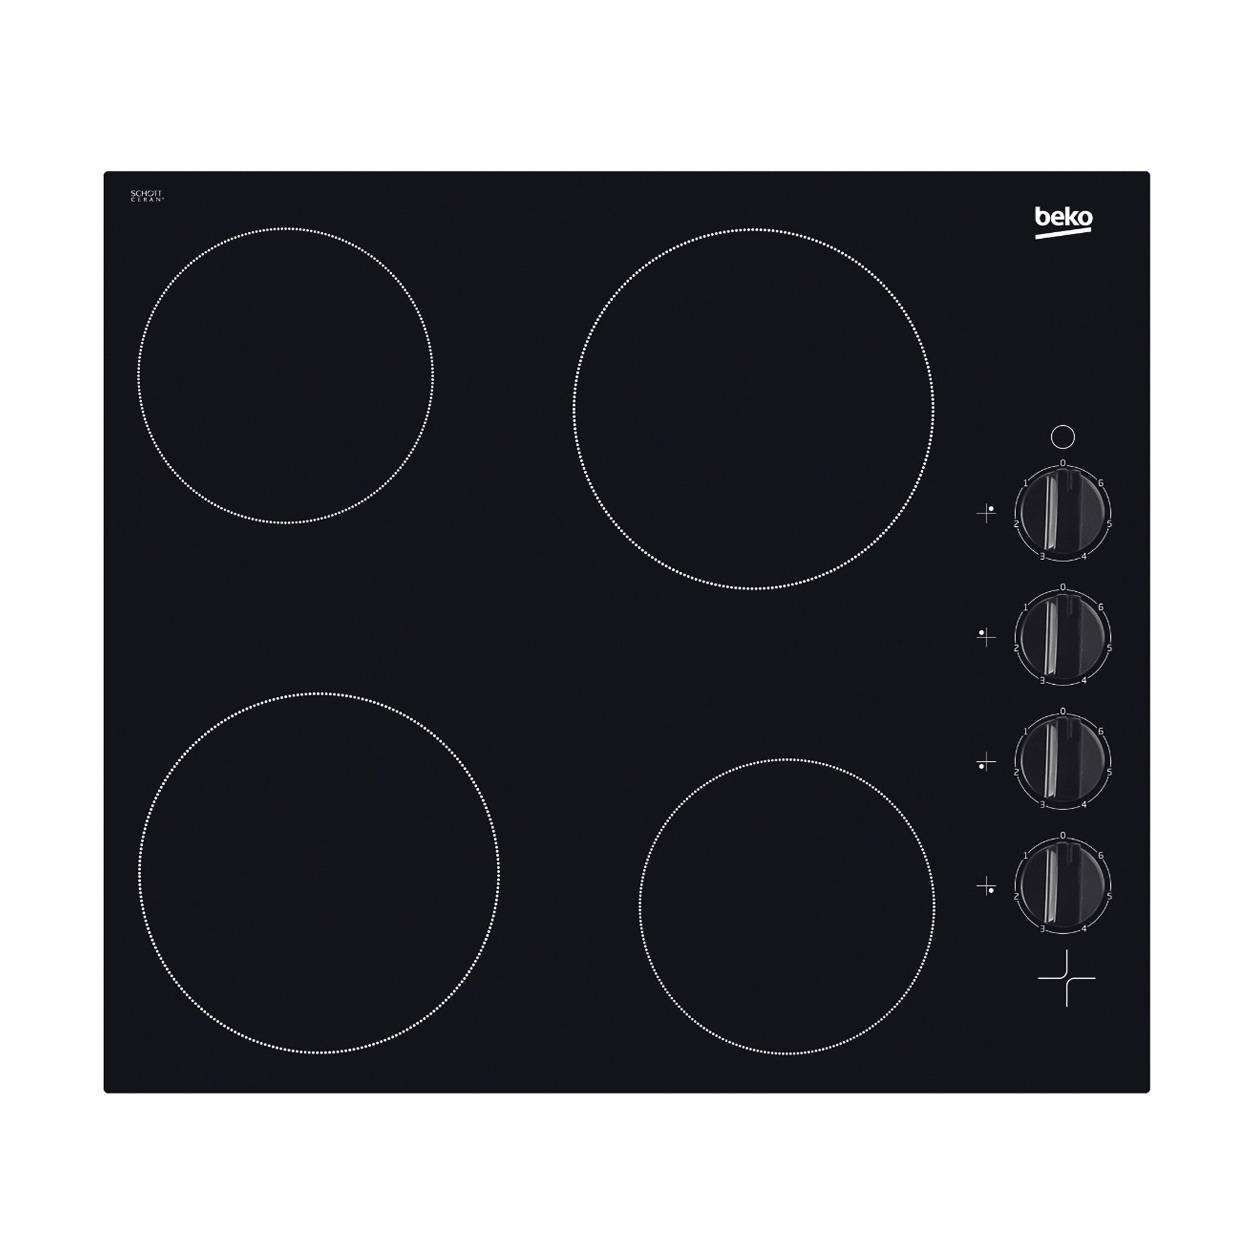 Beko HIC 64100 Keramische inbouwkookplaat Zwart